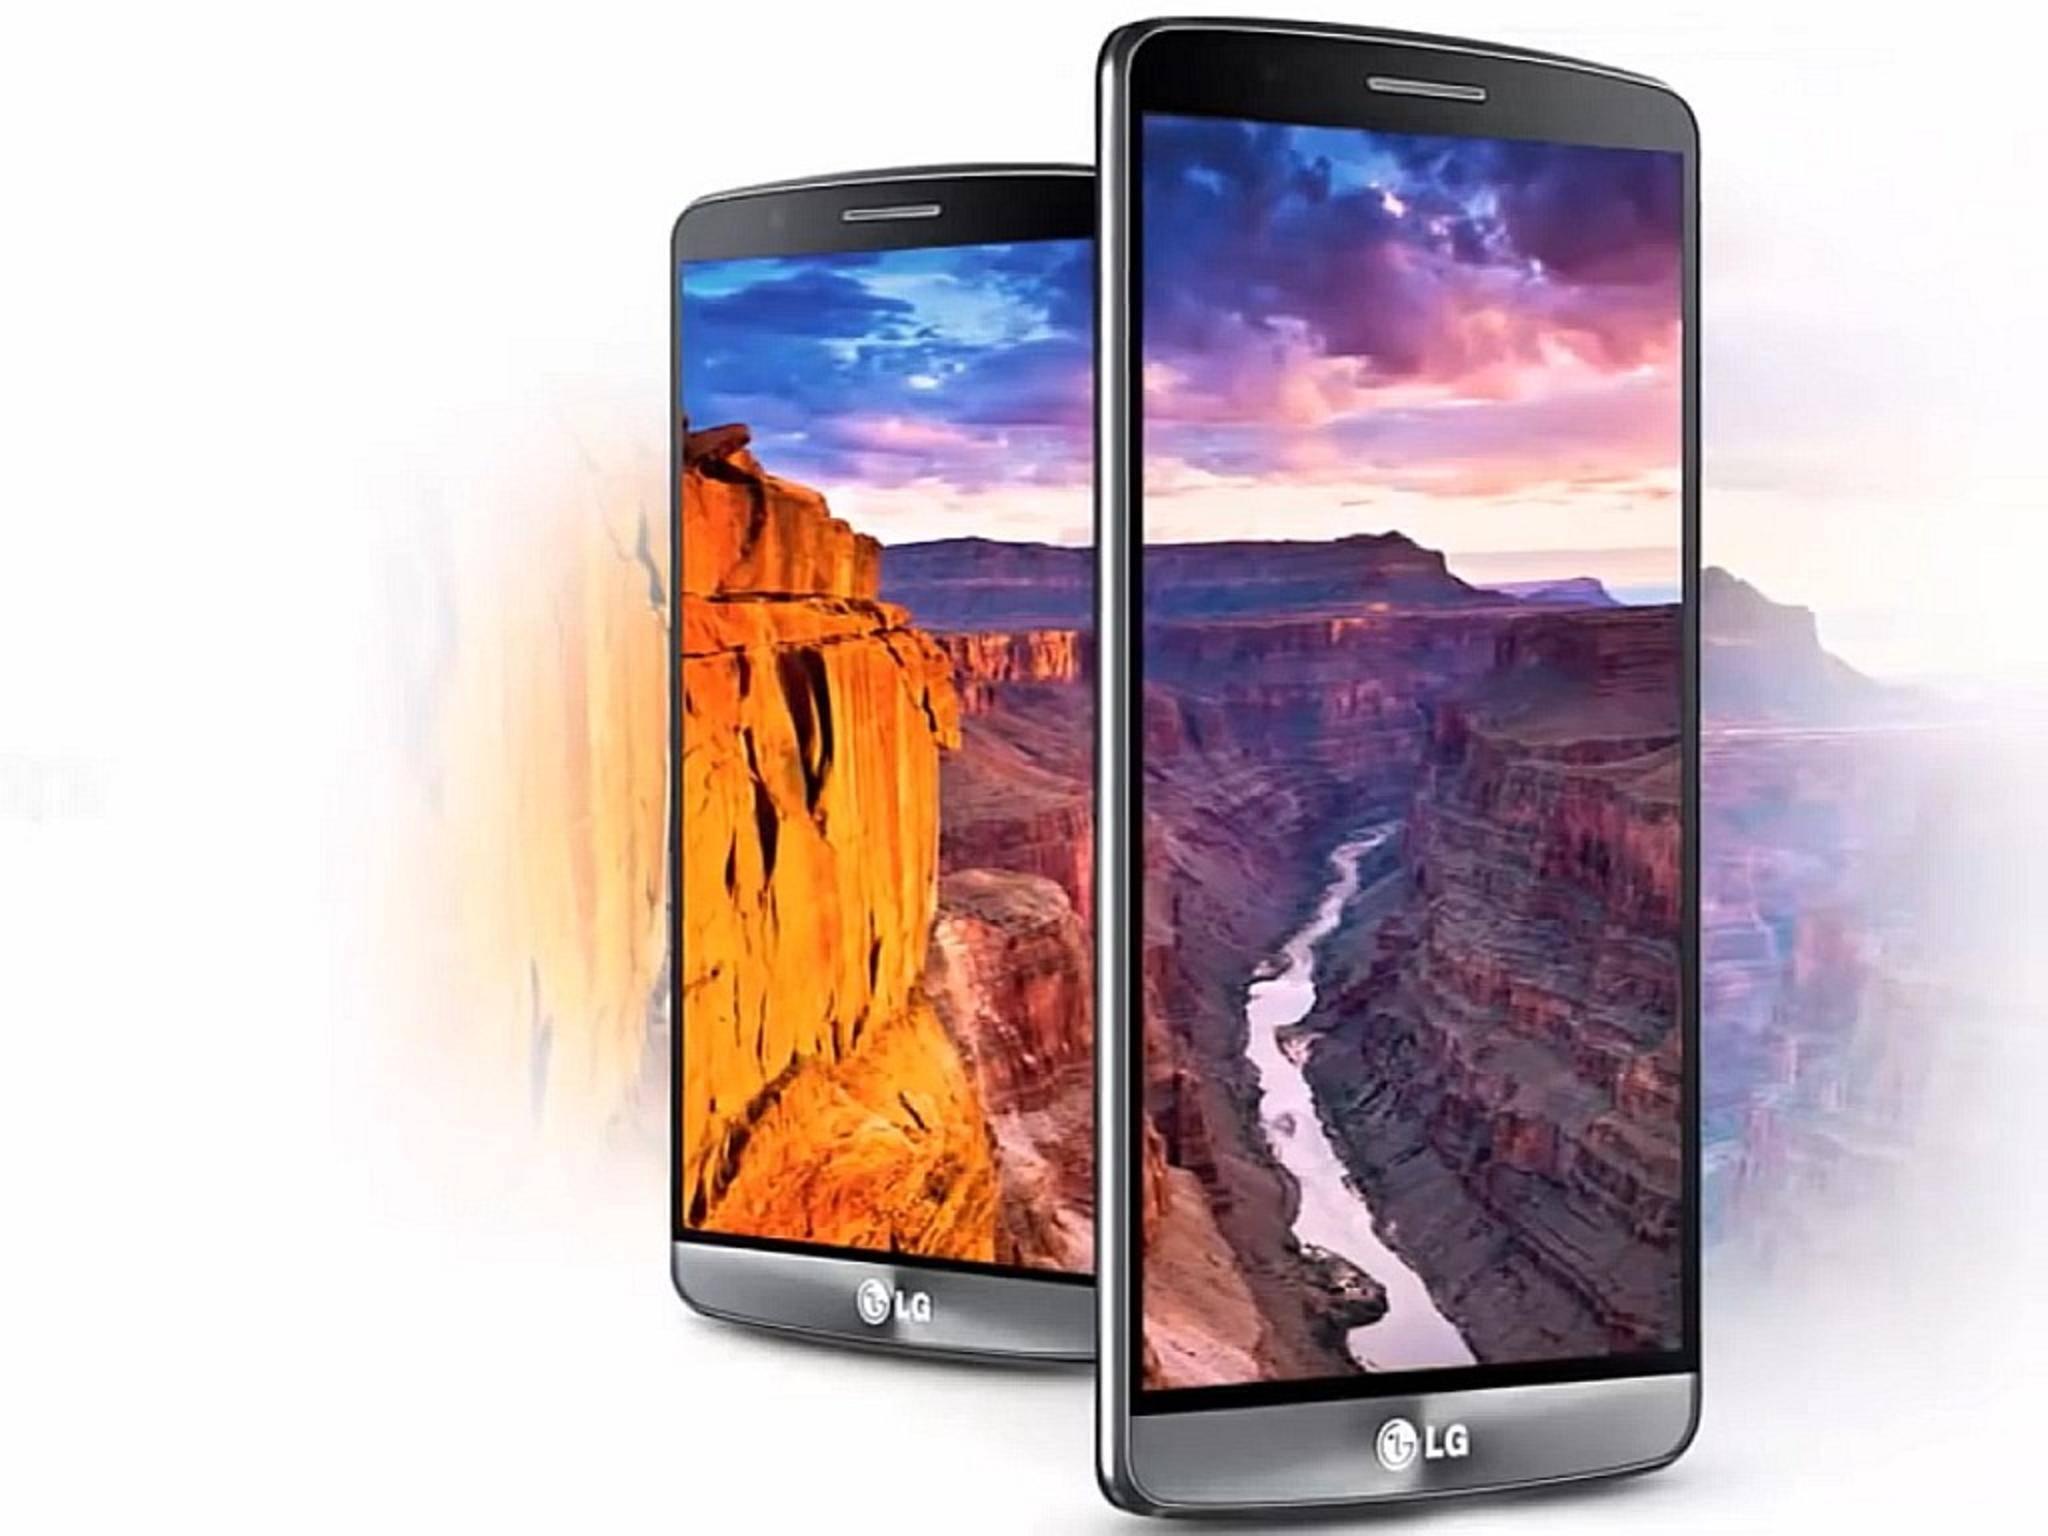 Zum angeblichen Design des LG G4 wurden bereits mehrere Bilder veröffentlicht